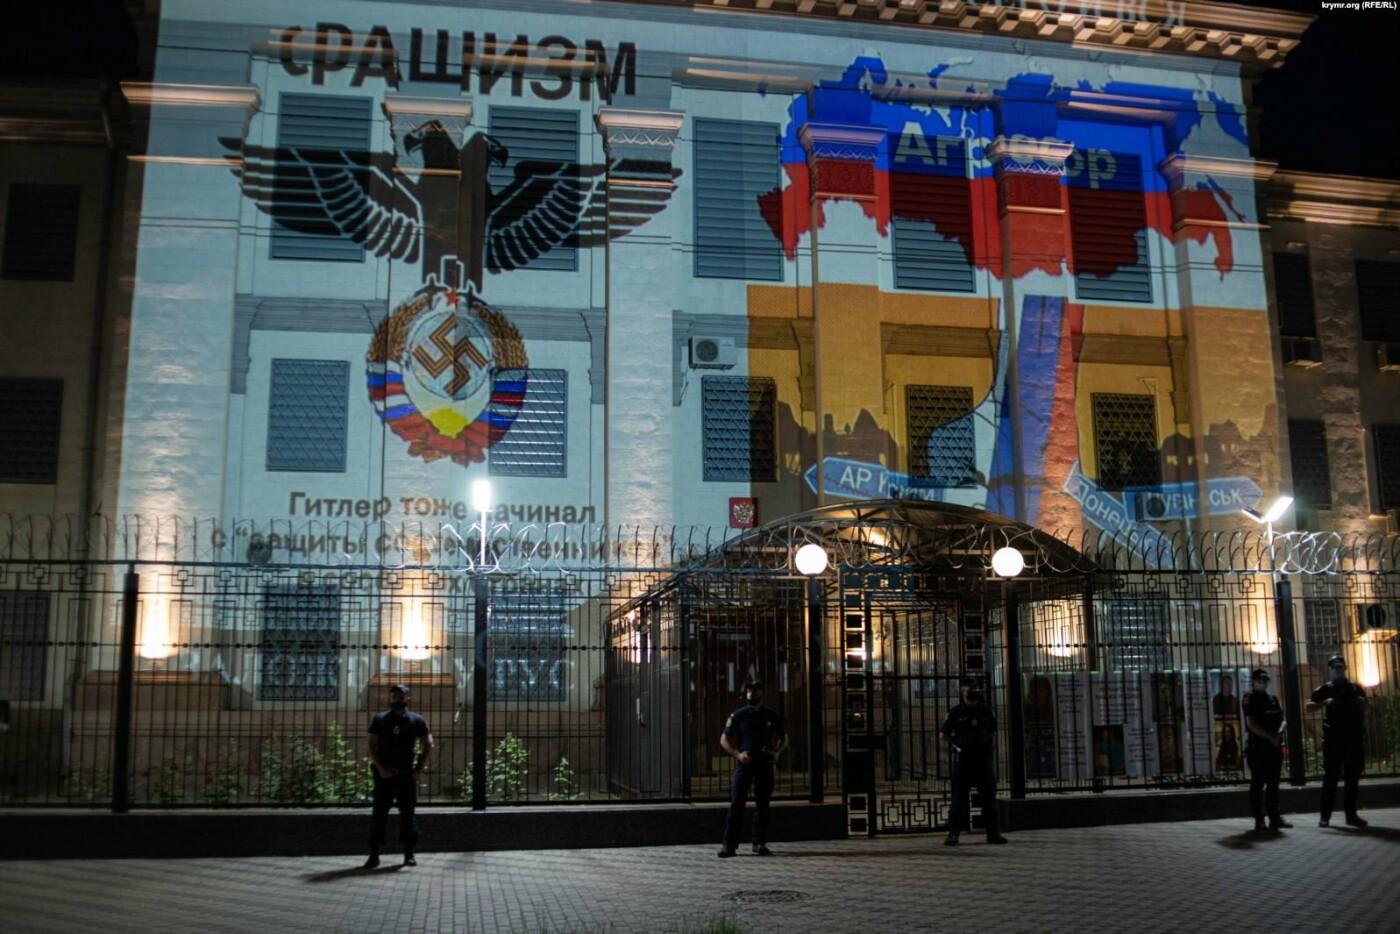 Как в Киеве Россию с днем оккупанта поздравляли, - ФОТО, фото-1, Фото Радио Свобода